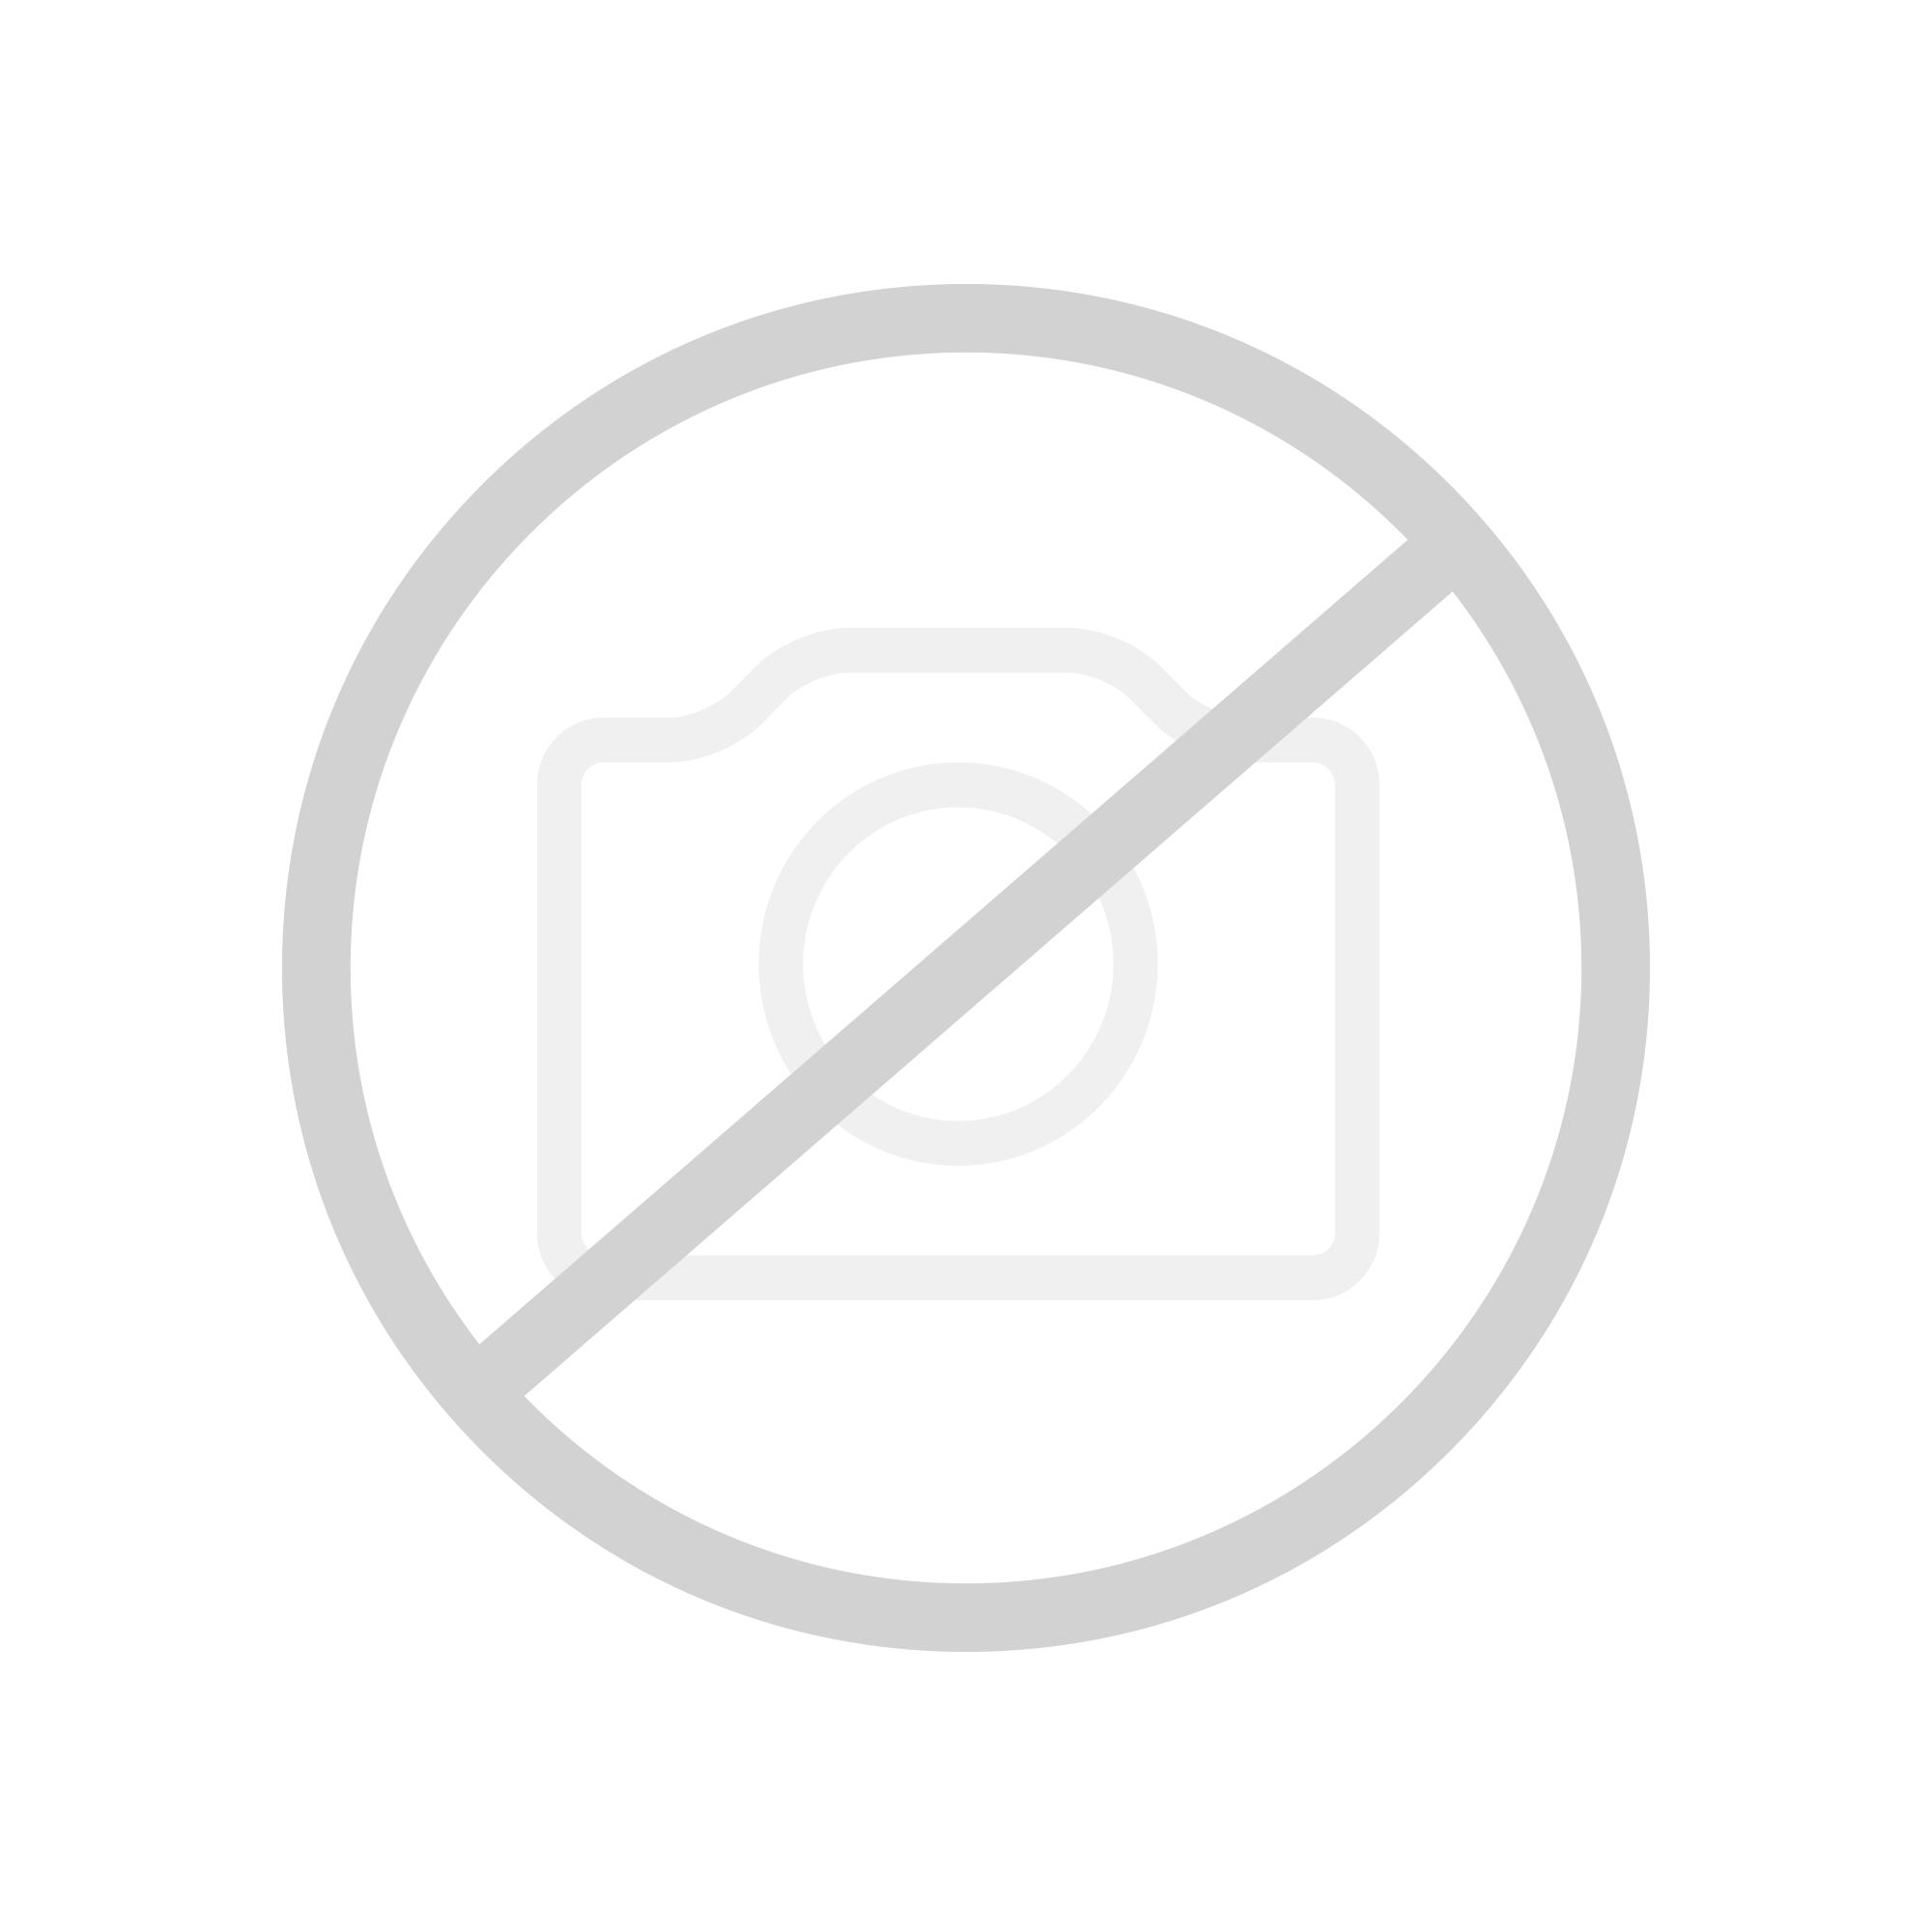 emco asis wc modul 150 preisvergleiche erfahrungsberichte und kauf bei nextag. Black Bedroom Furniture Sets. Home Design Ideas